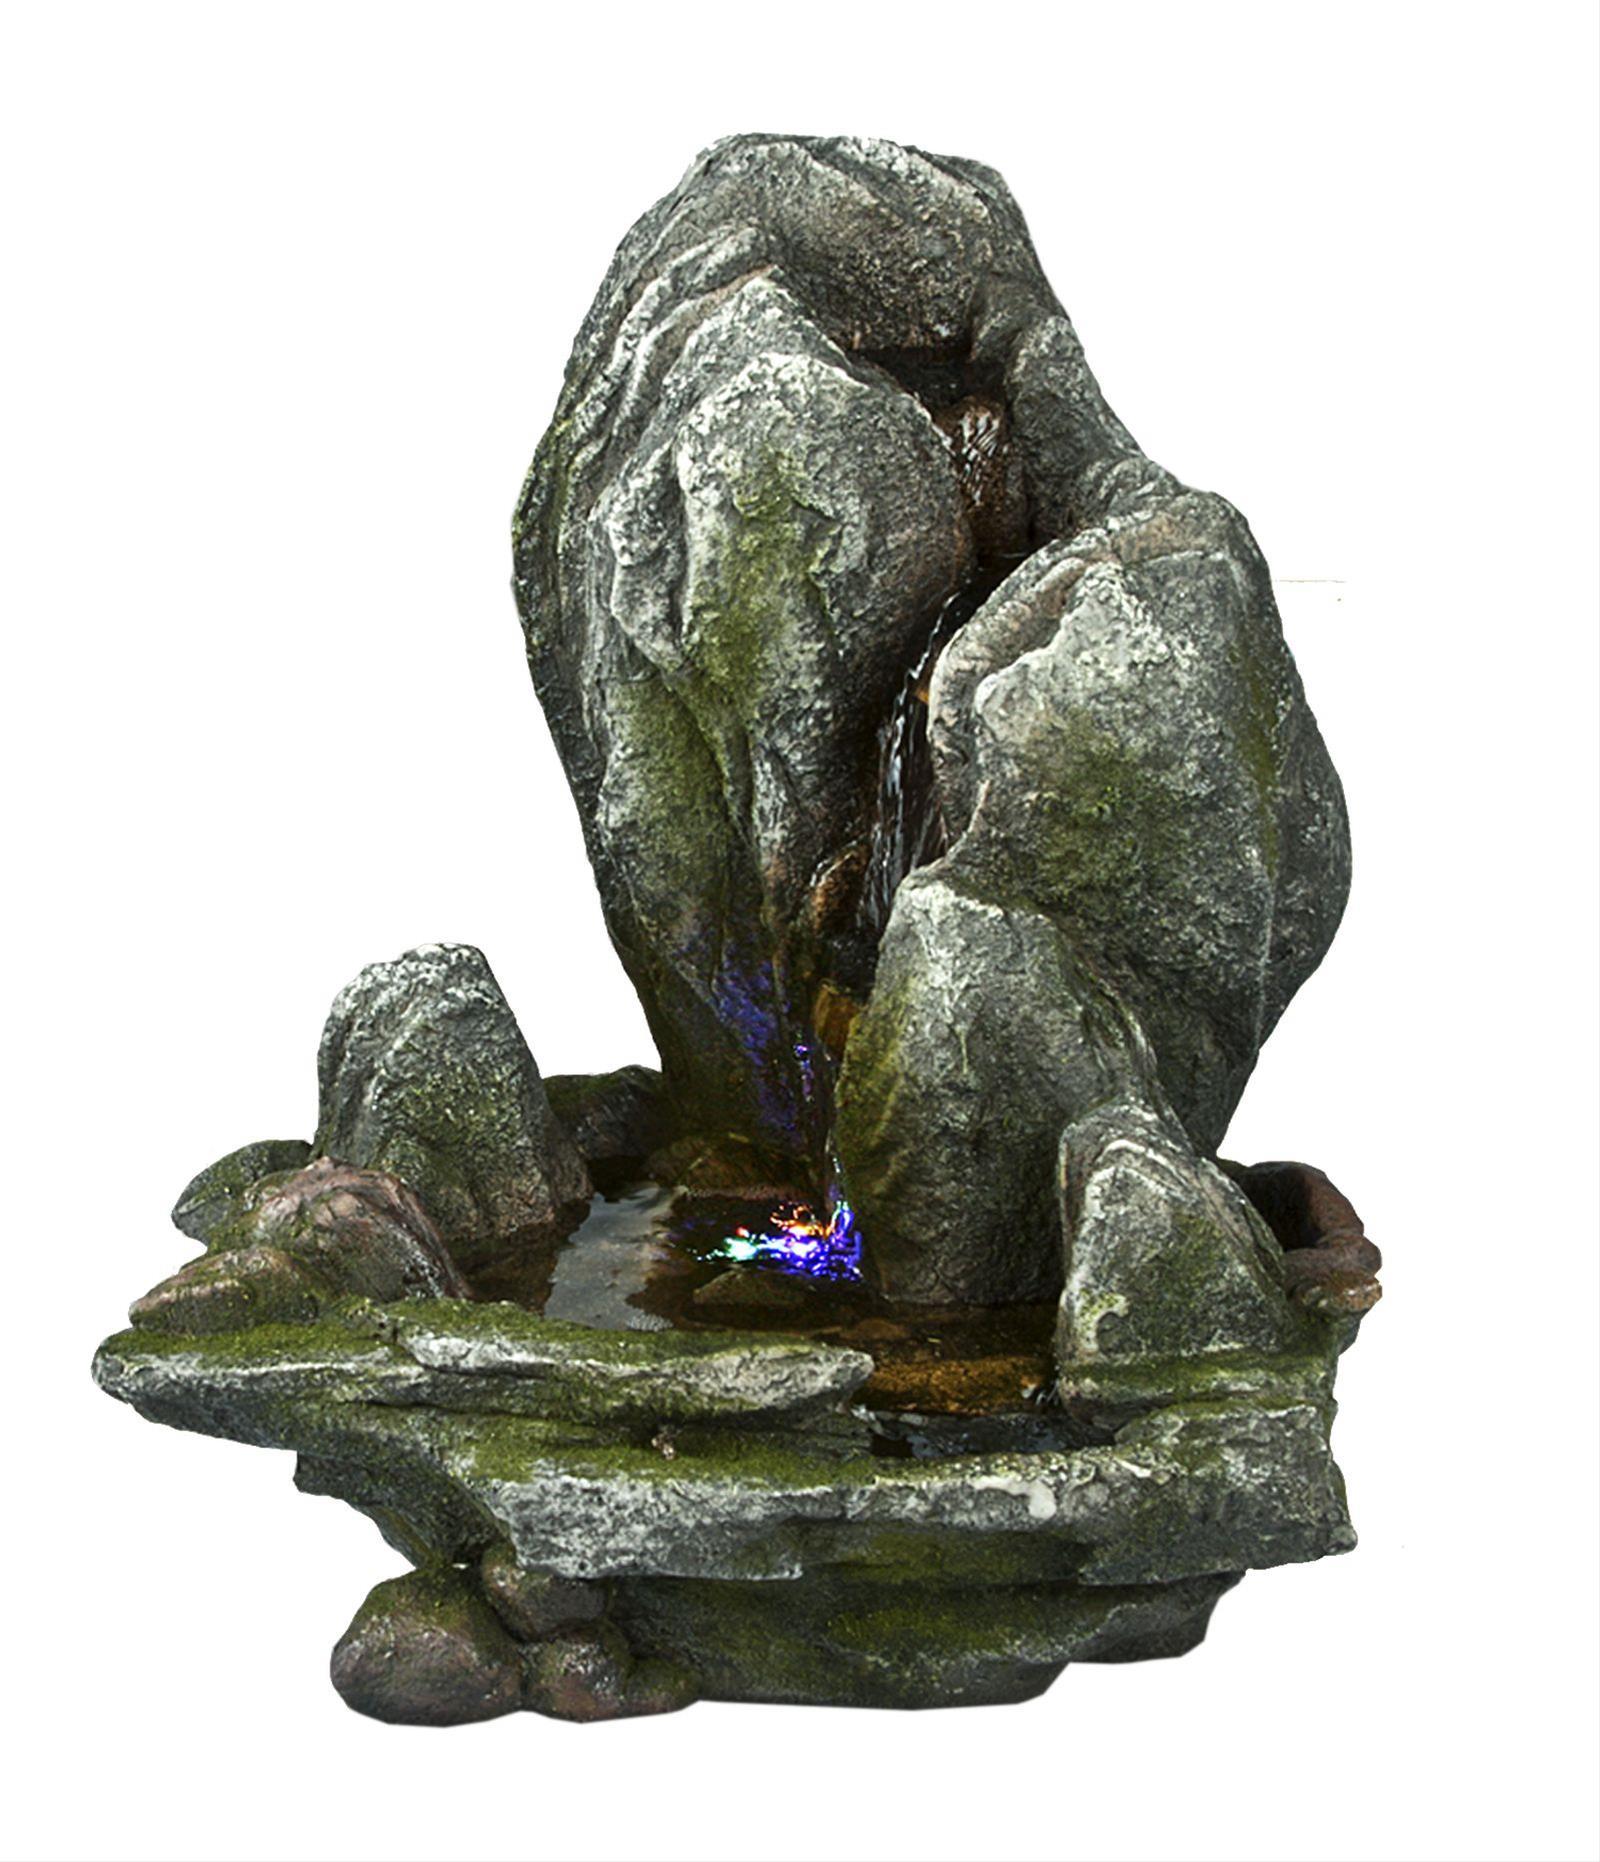 Gartenbrunnen / Wasserspiel / Zimmerbrunnen GardenForma Magod Bild 1